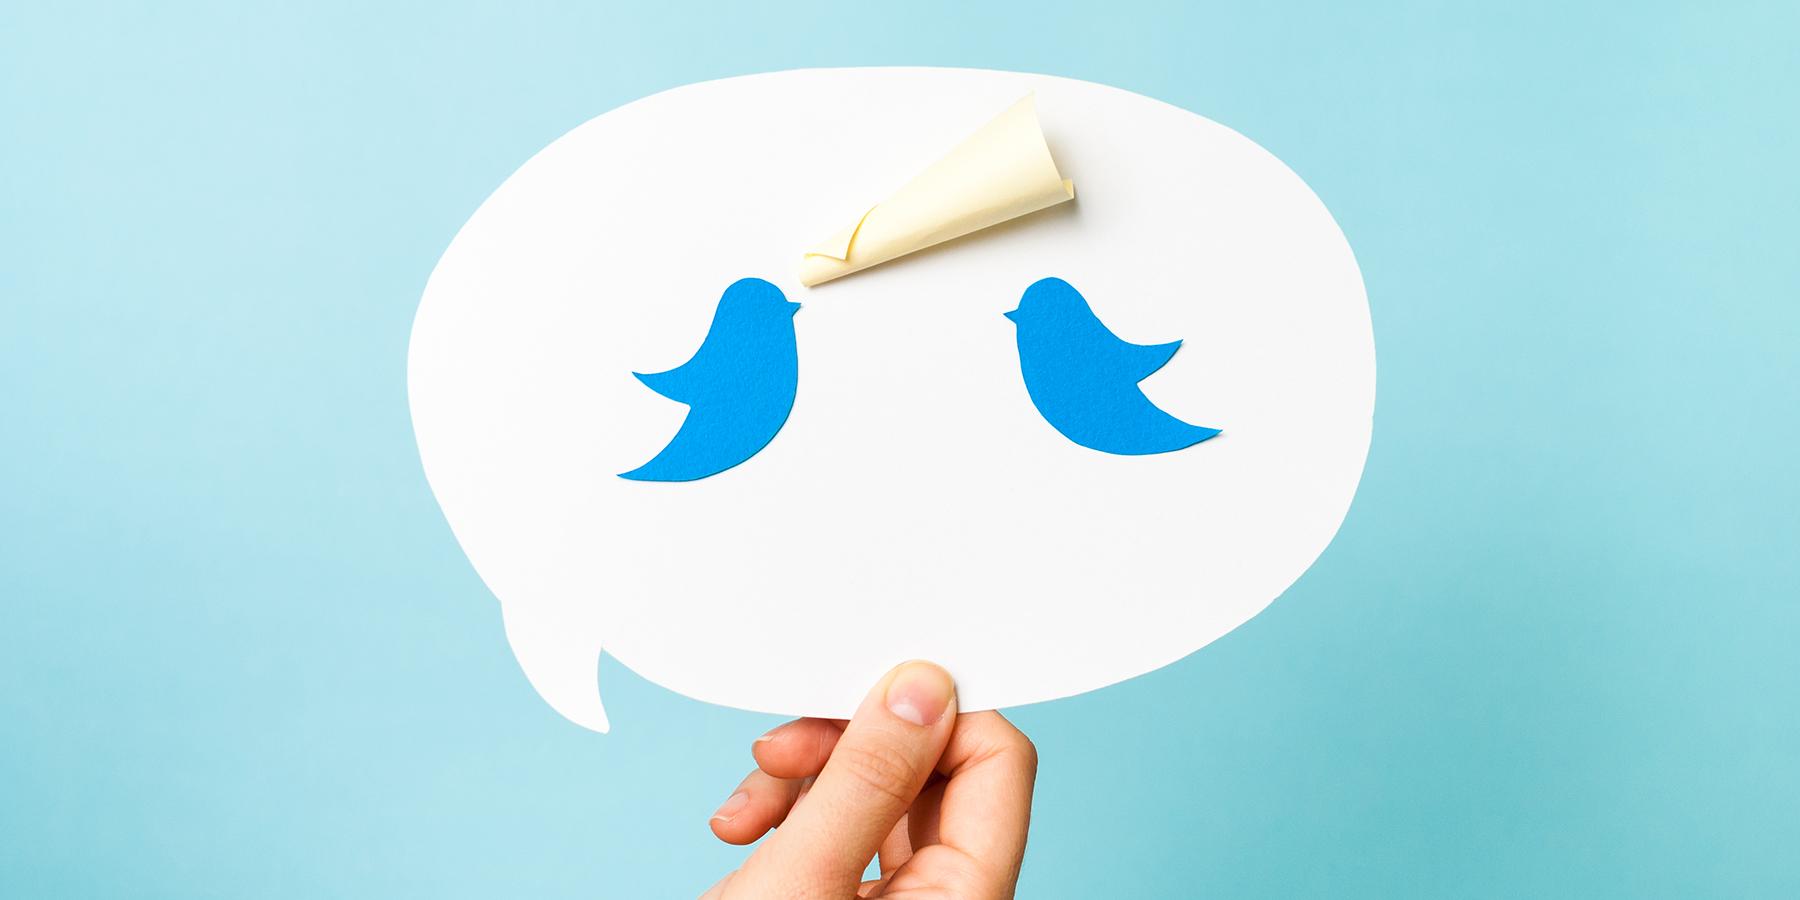 The 2018 Branded Twitter Awards